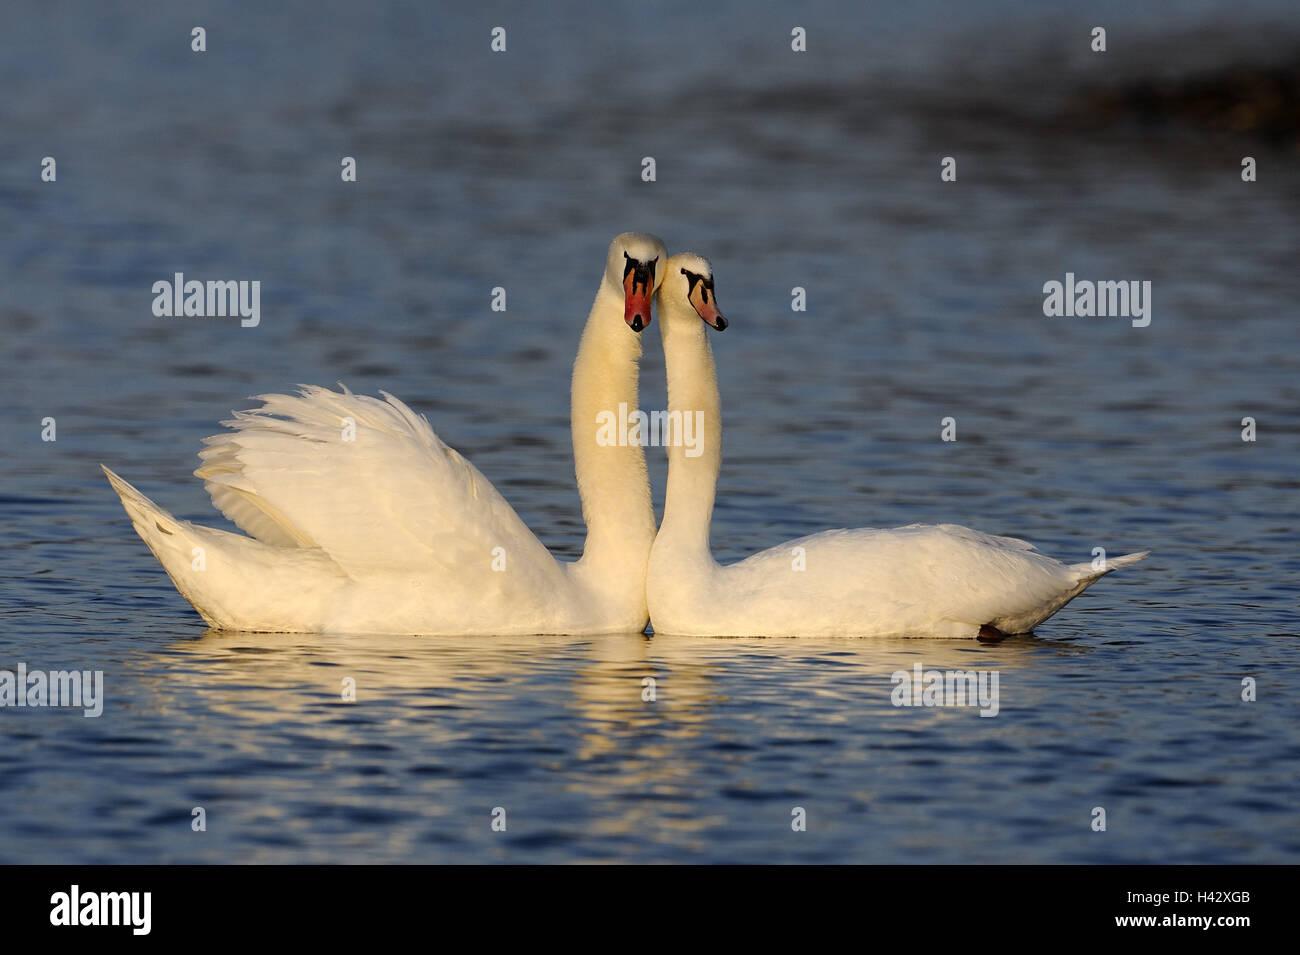 Gobba cigni, Cygnus olor, due, acqua, nuoto, luce della sera, natura, animali, uccelli, cigni, coppie coniugate Immagini Stock